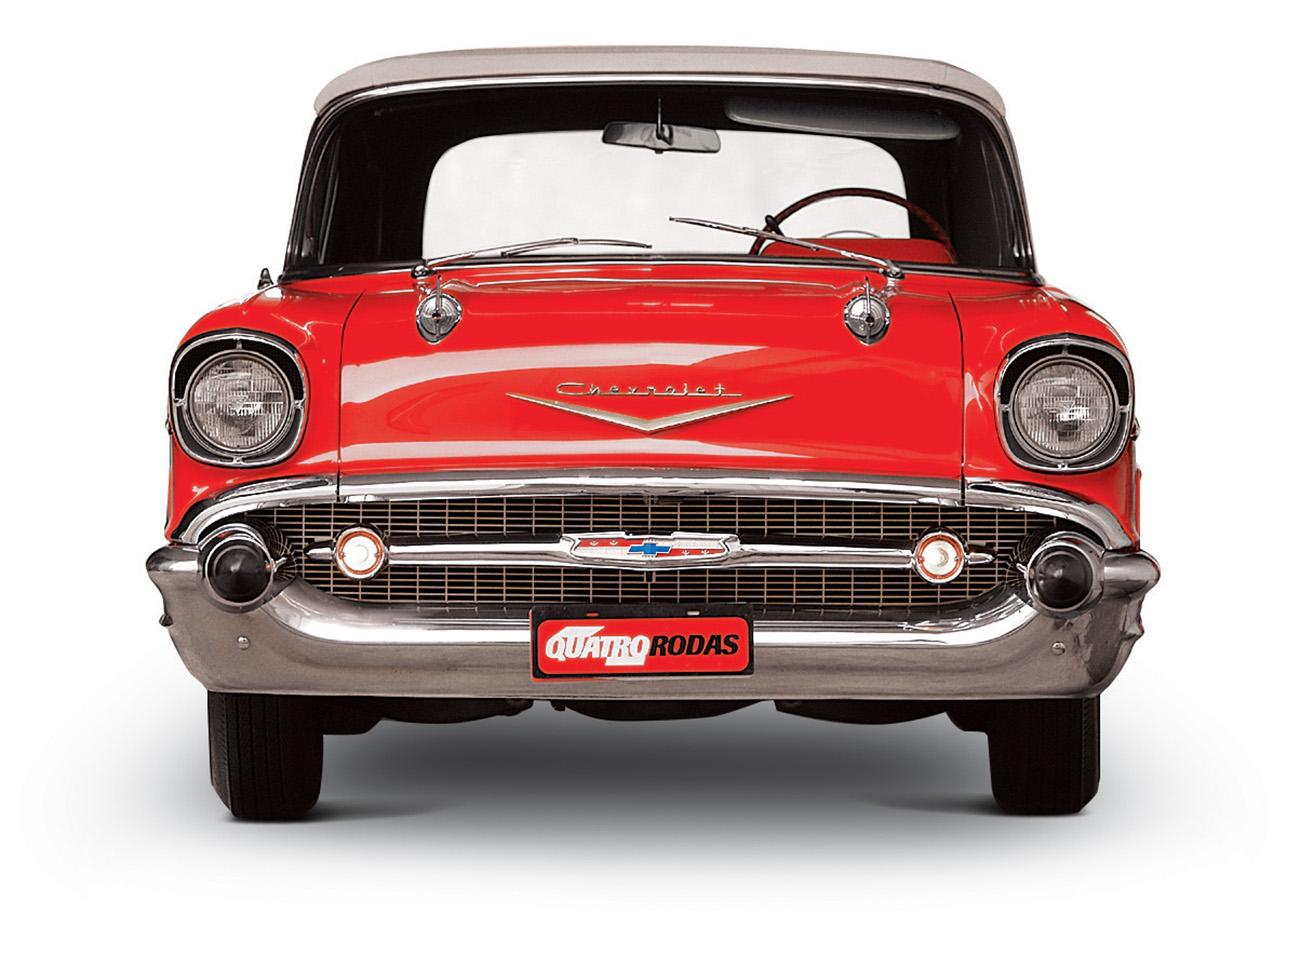 O Bel Air 1957 conversível chamava a atenção pela larga grade frontal